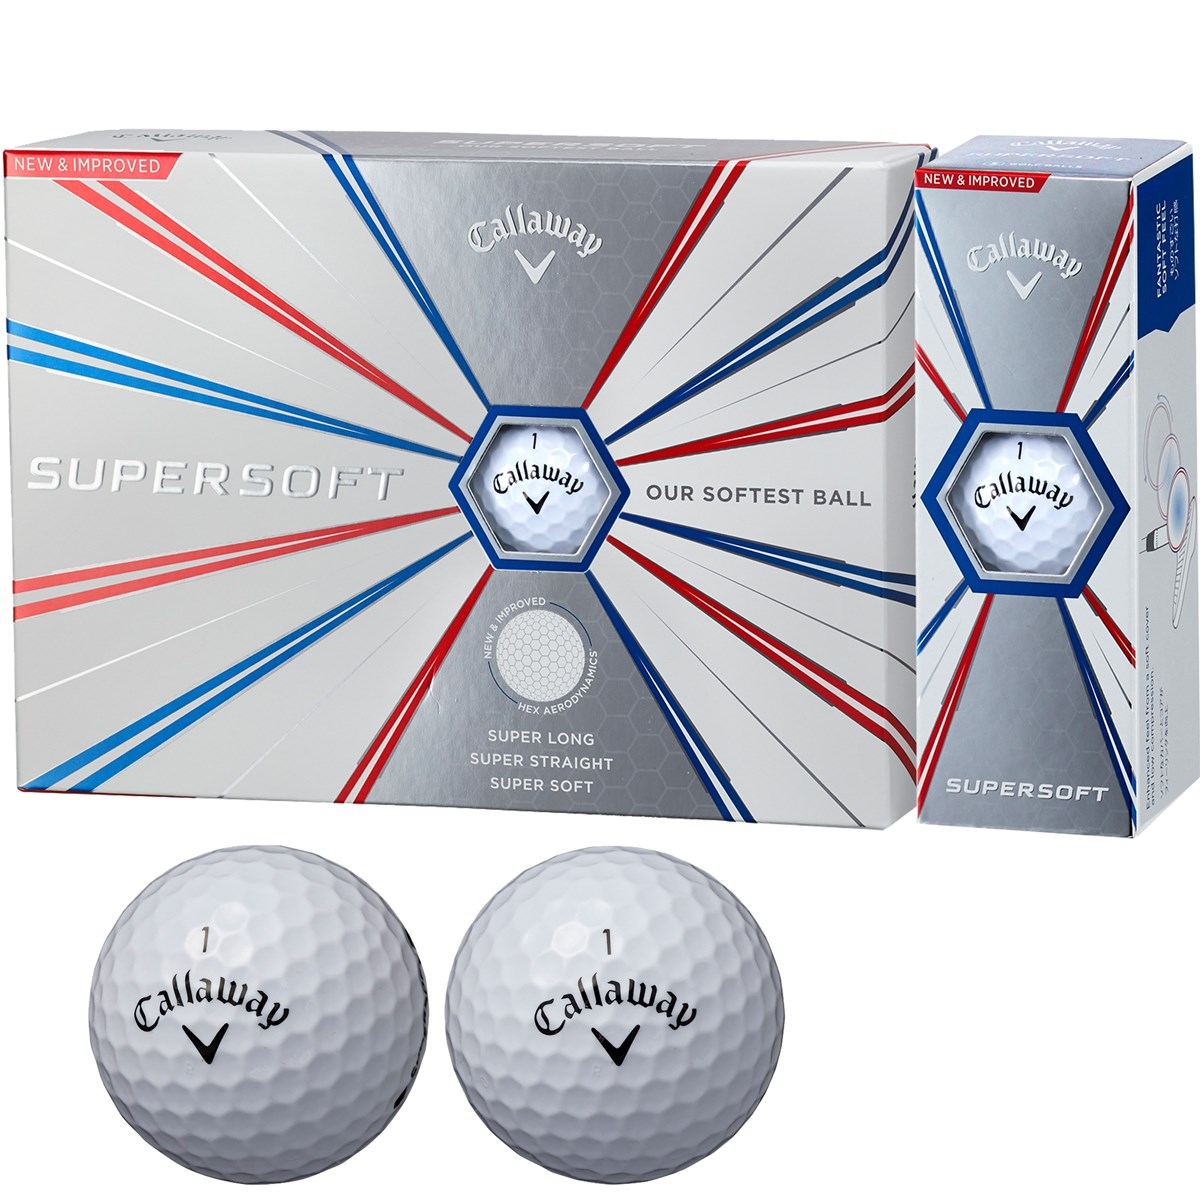 キャロウェイゴルフ(Callaway Golf) SUPERSOFT 19 ボール